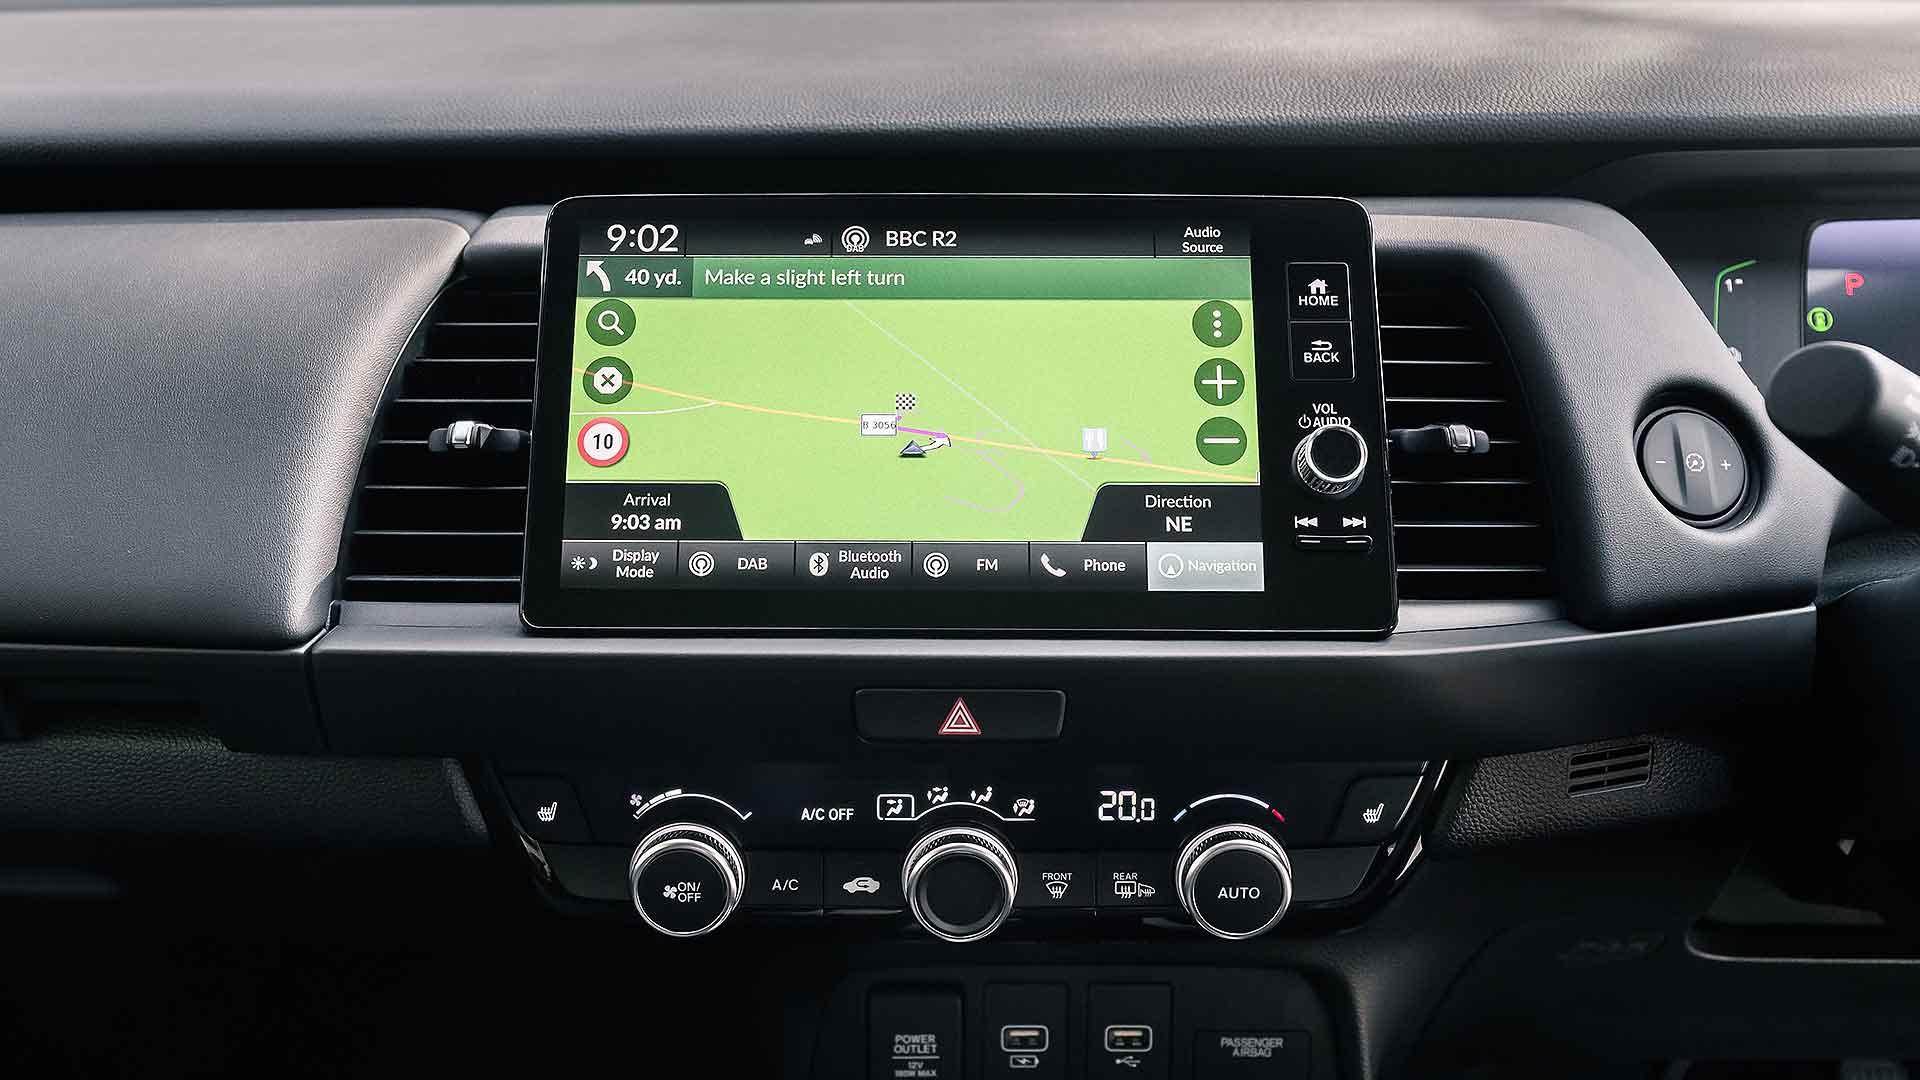 2020 Honda Jazz infotainment